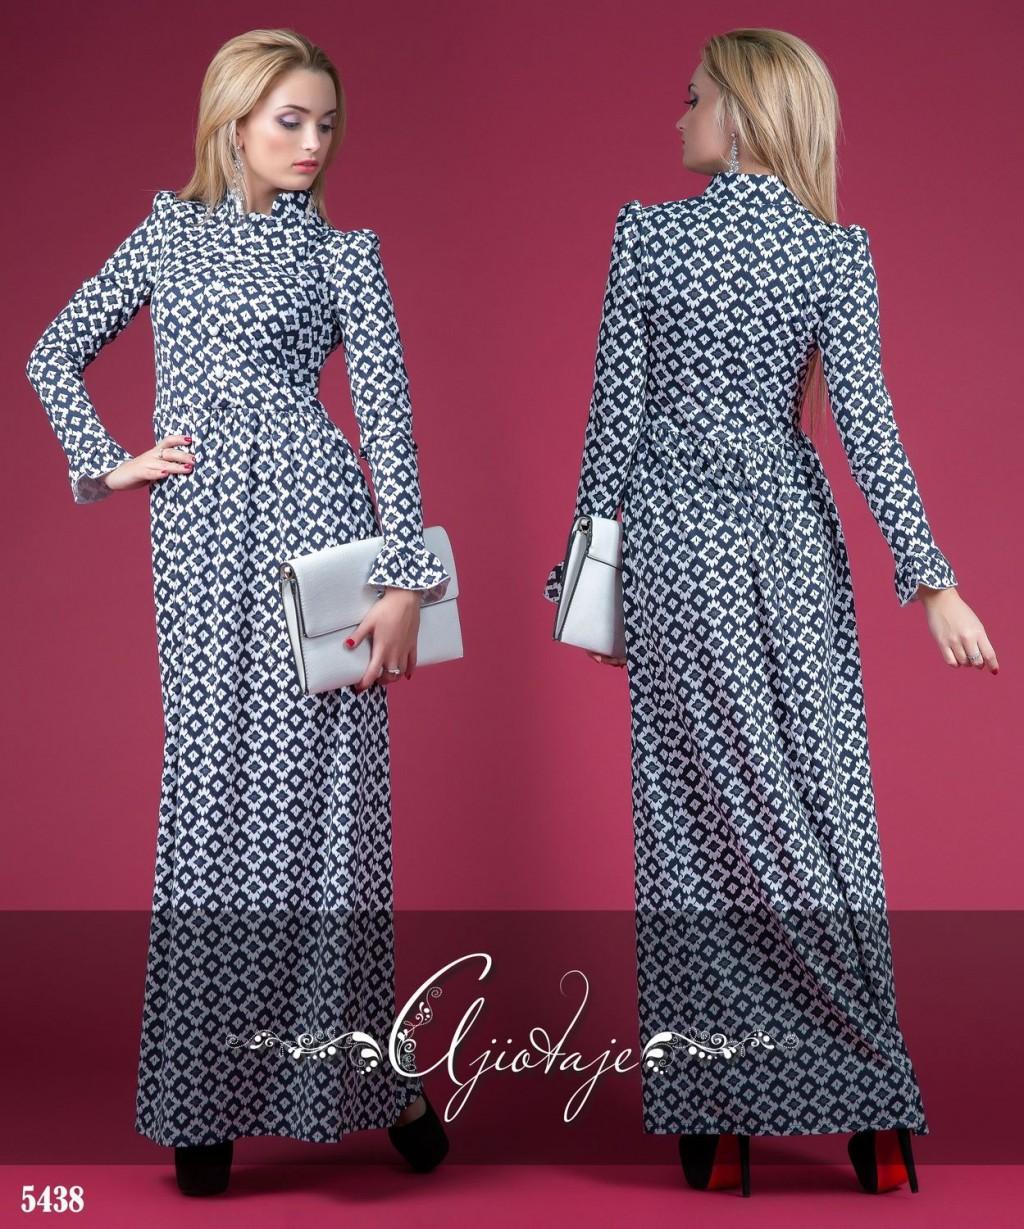 Сбор заказов. Ажиотаж - жизнь в ритме стиля! Отменное качество и красота женской одежды от украинского производителя! Огромный выбор и интересный дизайн поразят даже самых искушённых модниц! Выкуп 2.